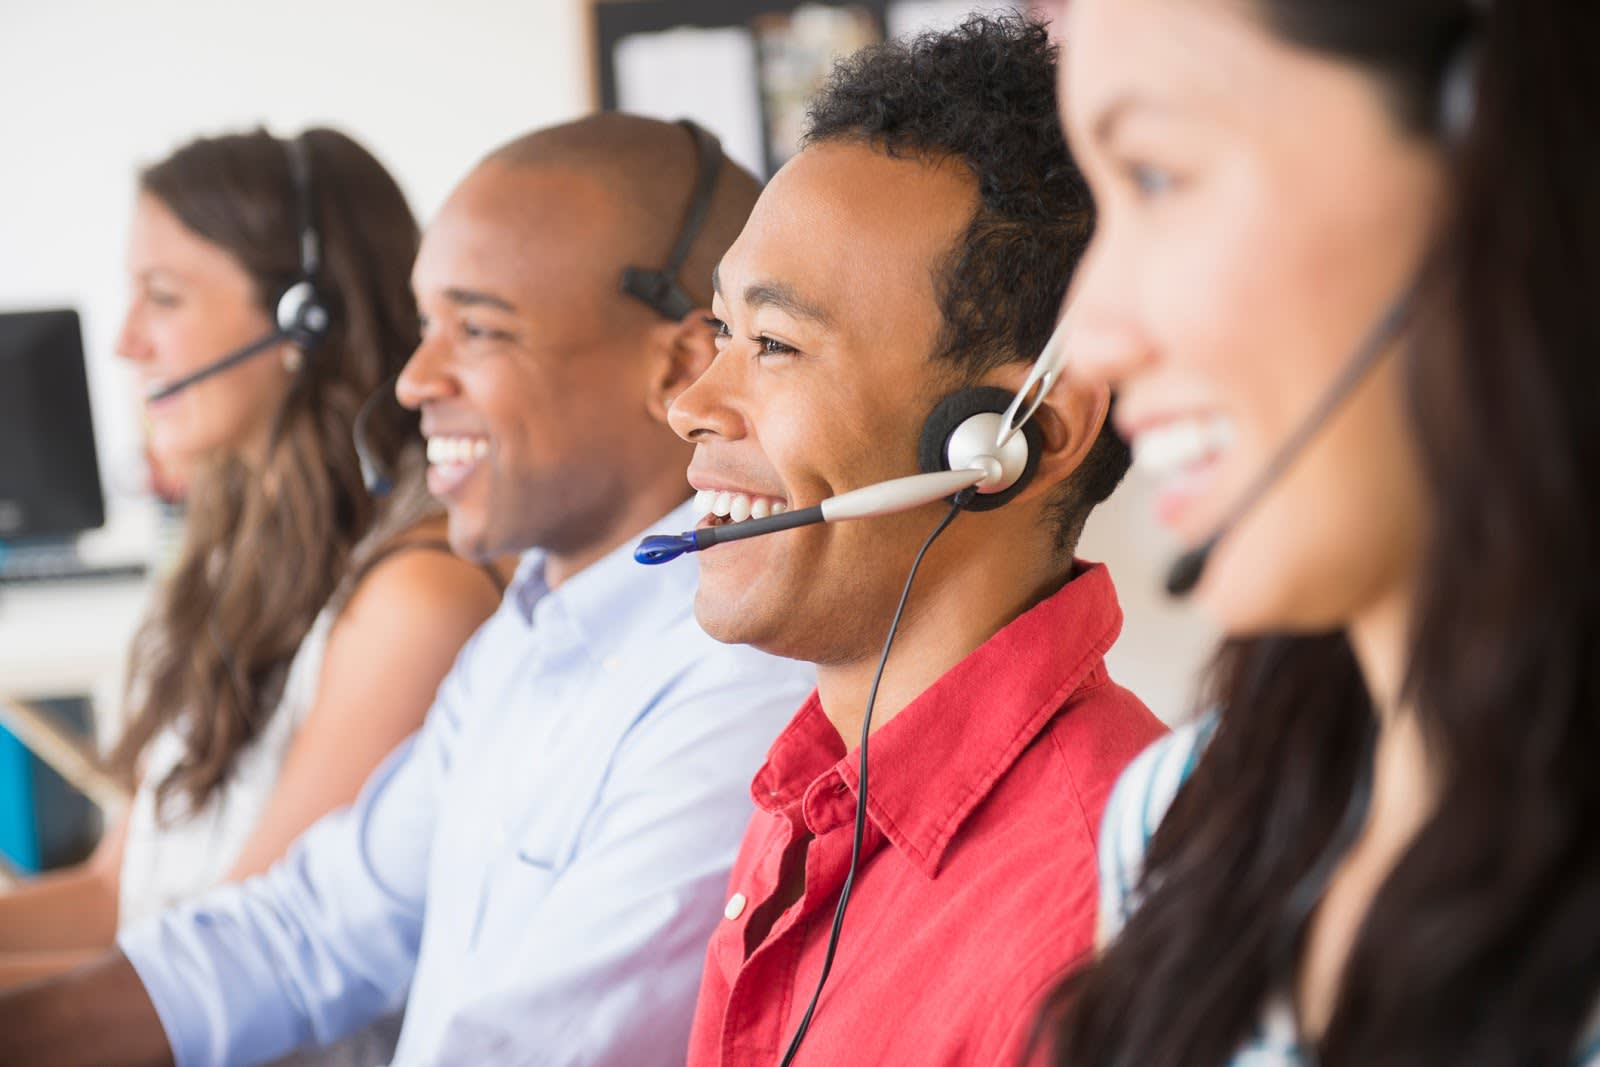 Vertriebsmitarbeiter mit Headsets für das Kundengespräch